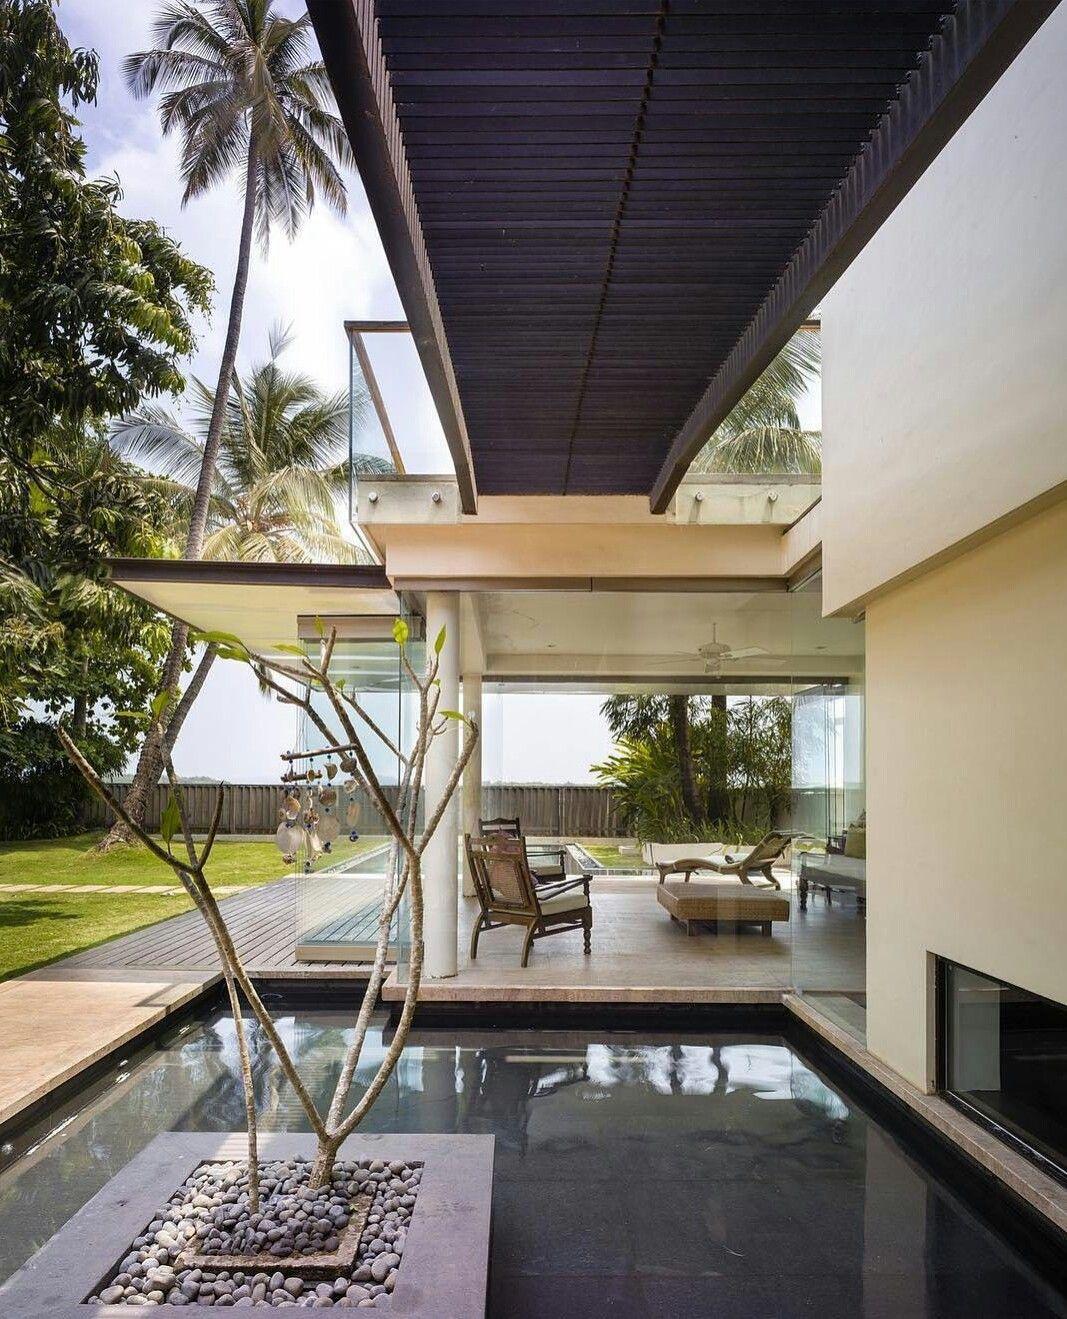 Moderne Häuser, Tropenschwimmbad, Architektur Innenarchitektur,  Strandhäuser, Villen, Architekten, House Ideas, Natur, Wunsch